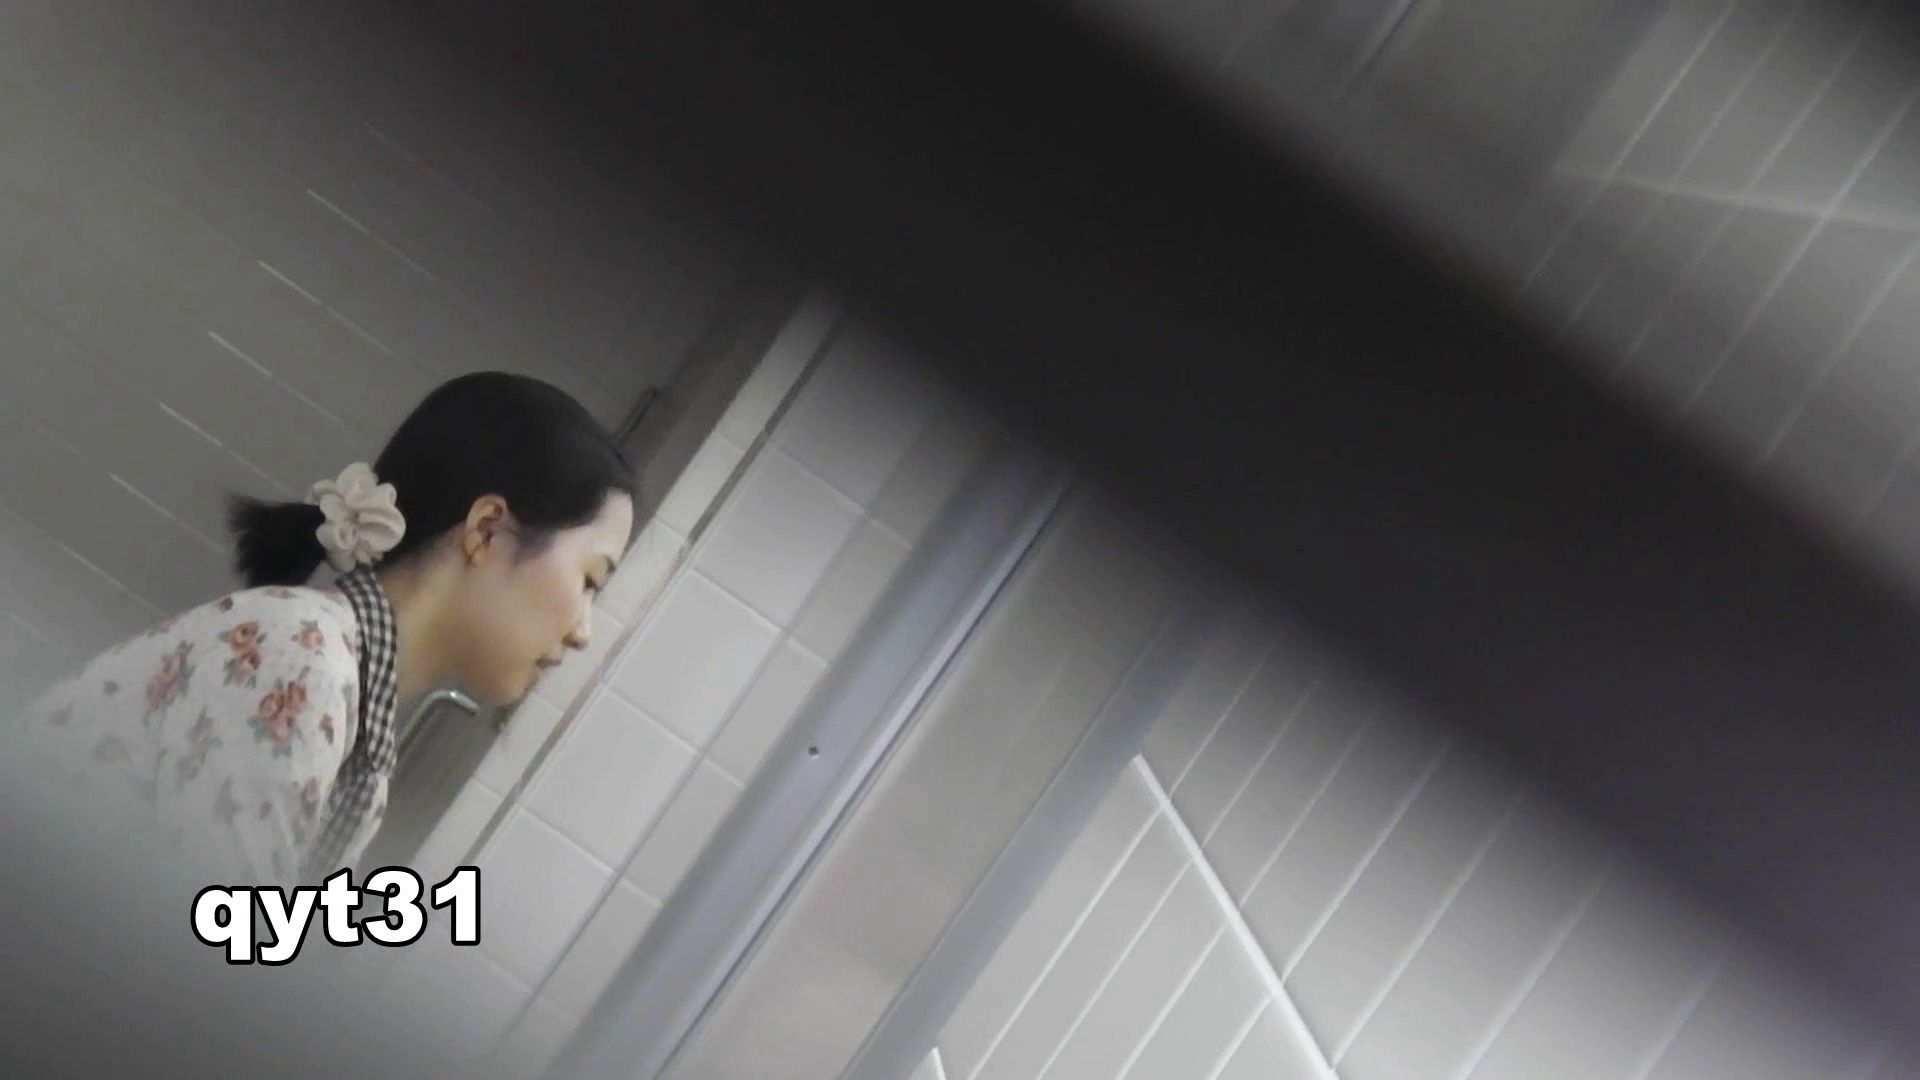 vol.30 命がけ潜伏洗面所! Σ(||゚Д゚)ヒィ~!! 美人 | 洗面所  98pic 37